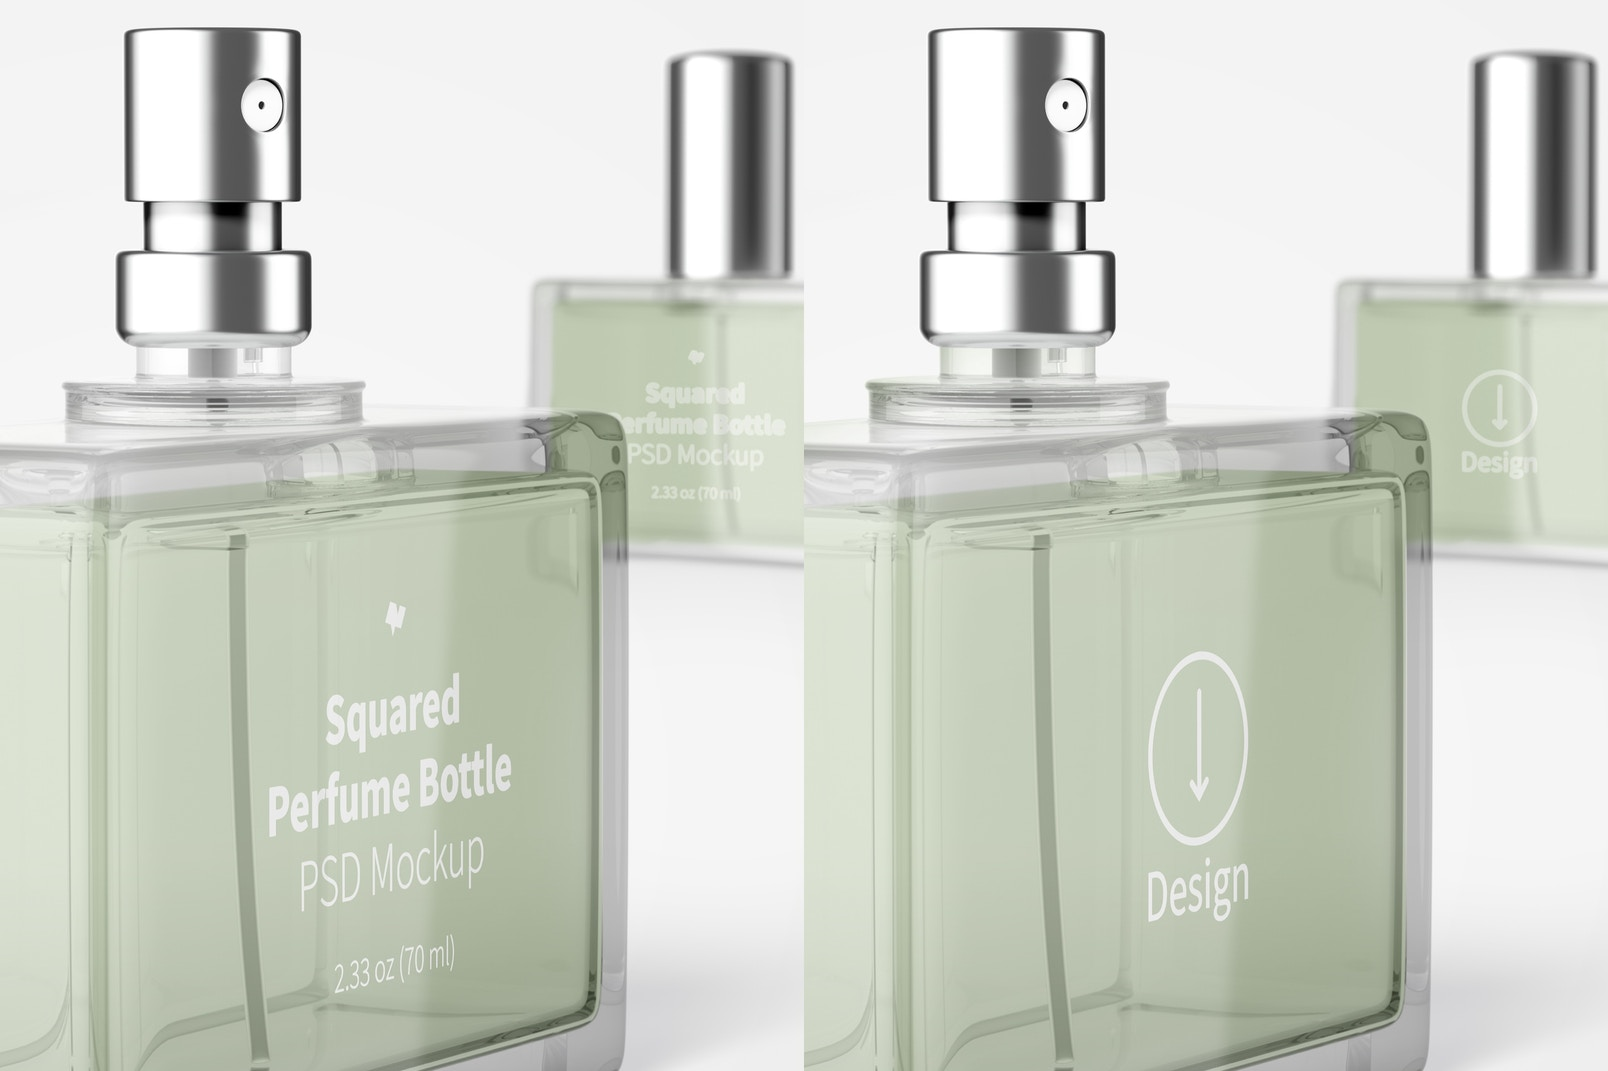 Squared Perfume Bottle Mockup, Close Up